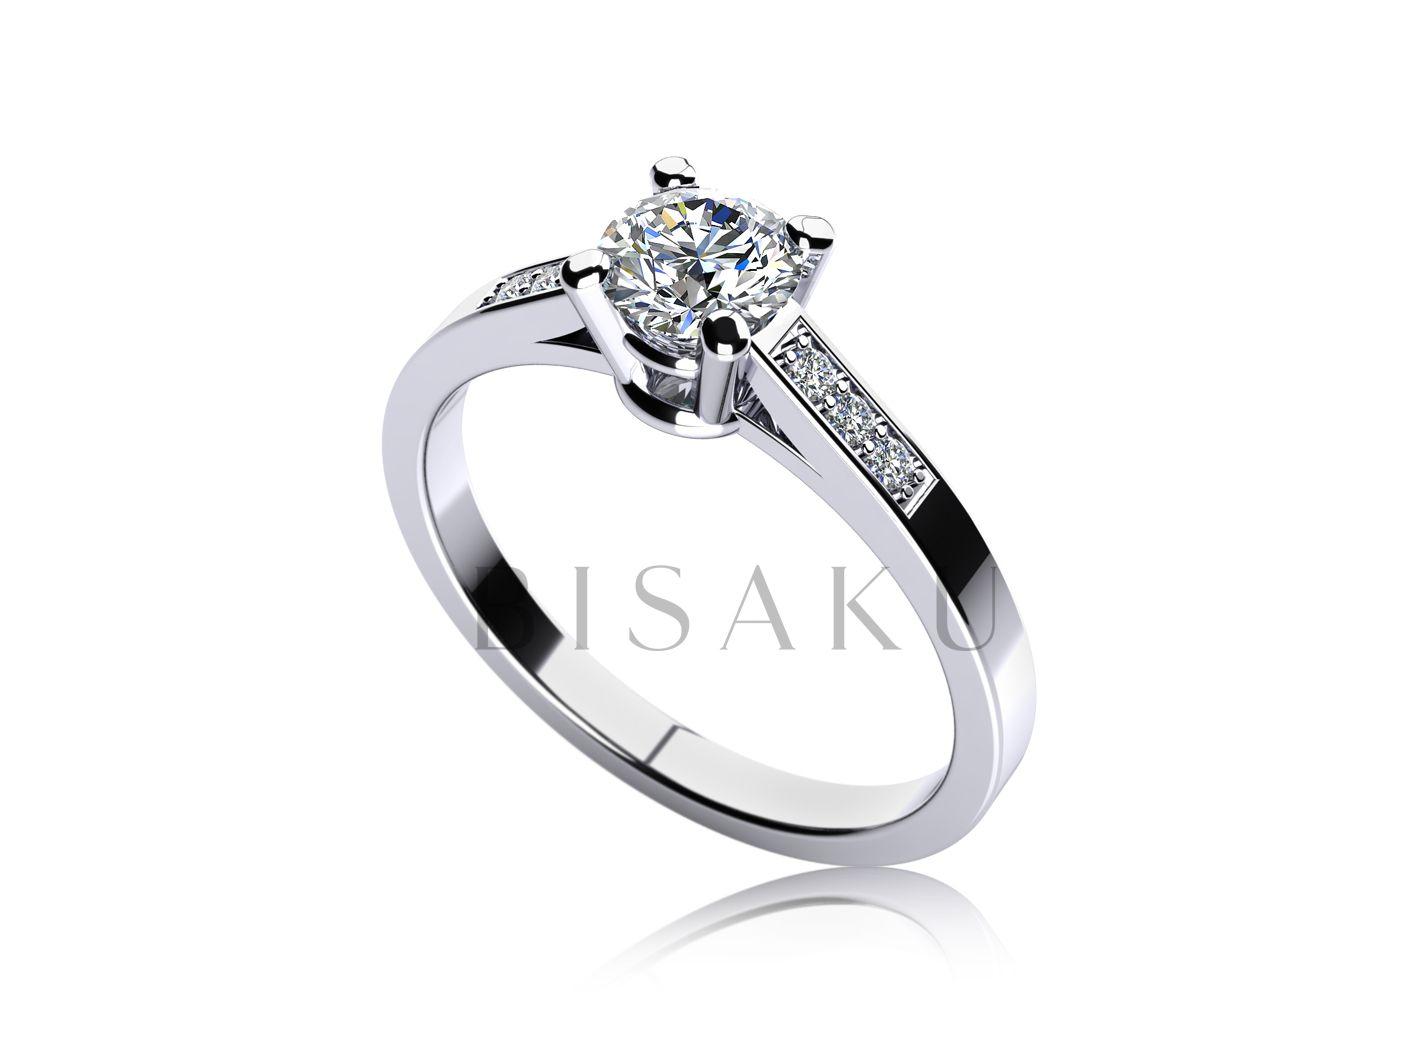 C8 Překrásně zdobený zásnubní prsten jako pro princeznu. Velký centrální  kámen je podpořen menšími kameny d5e9c6ae171